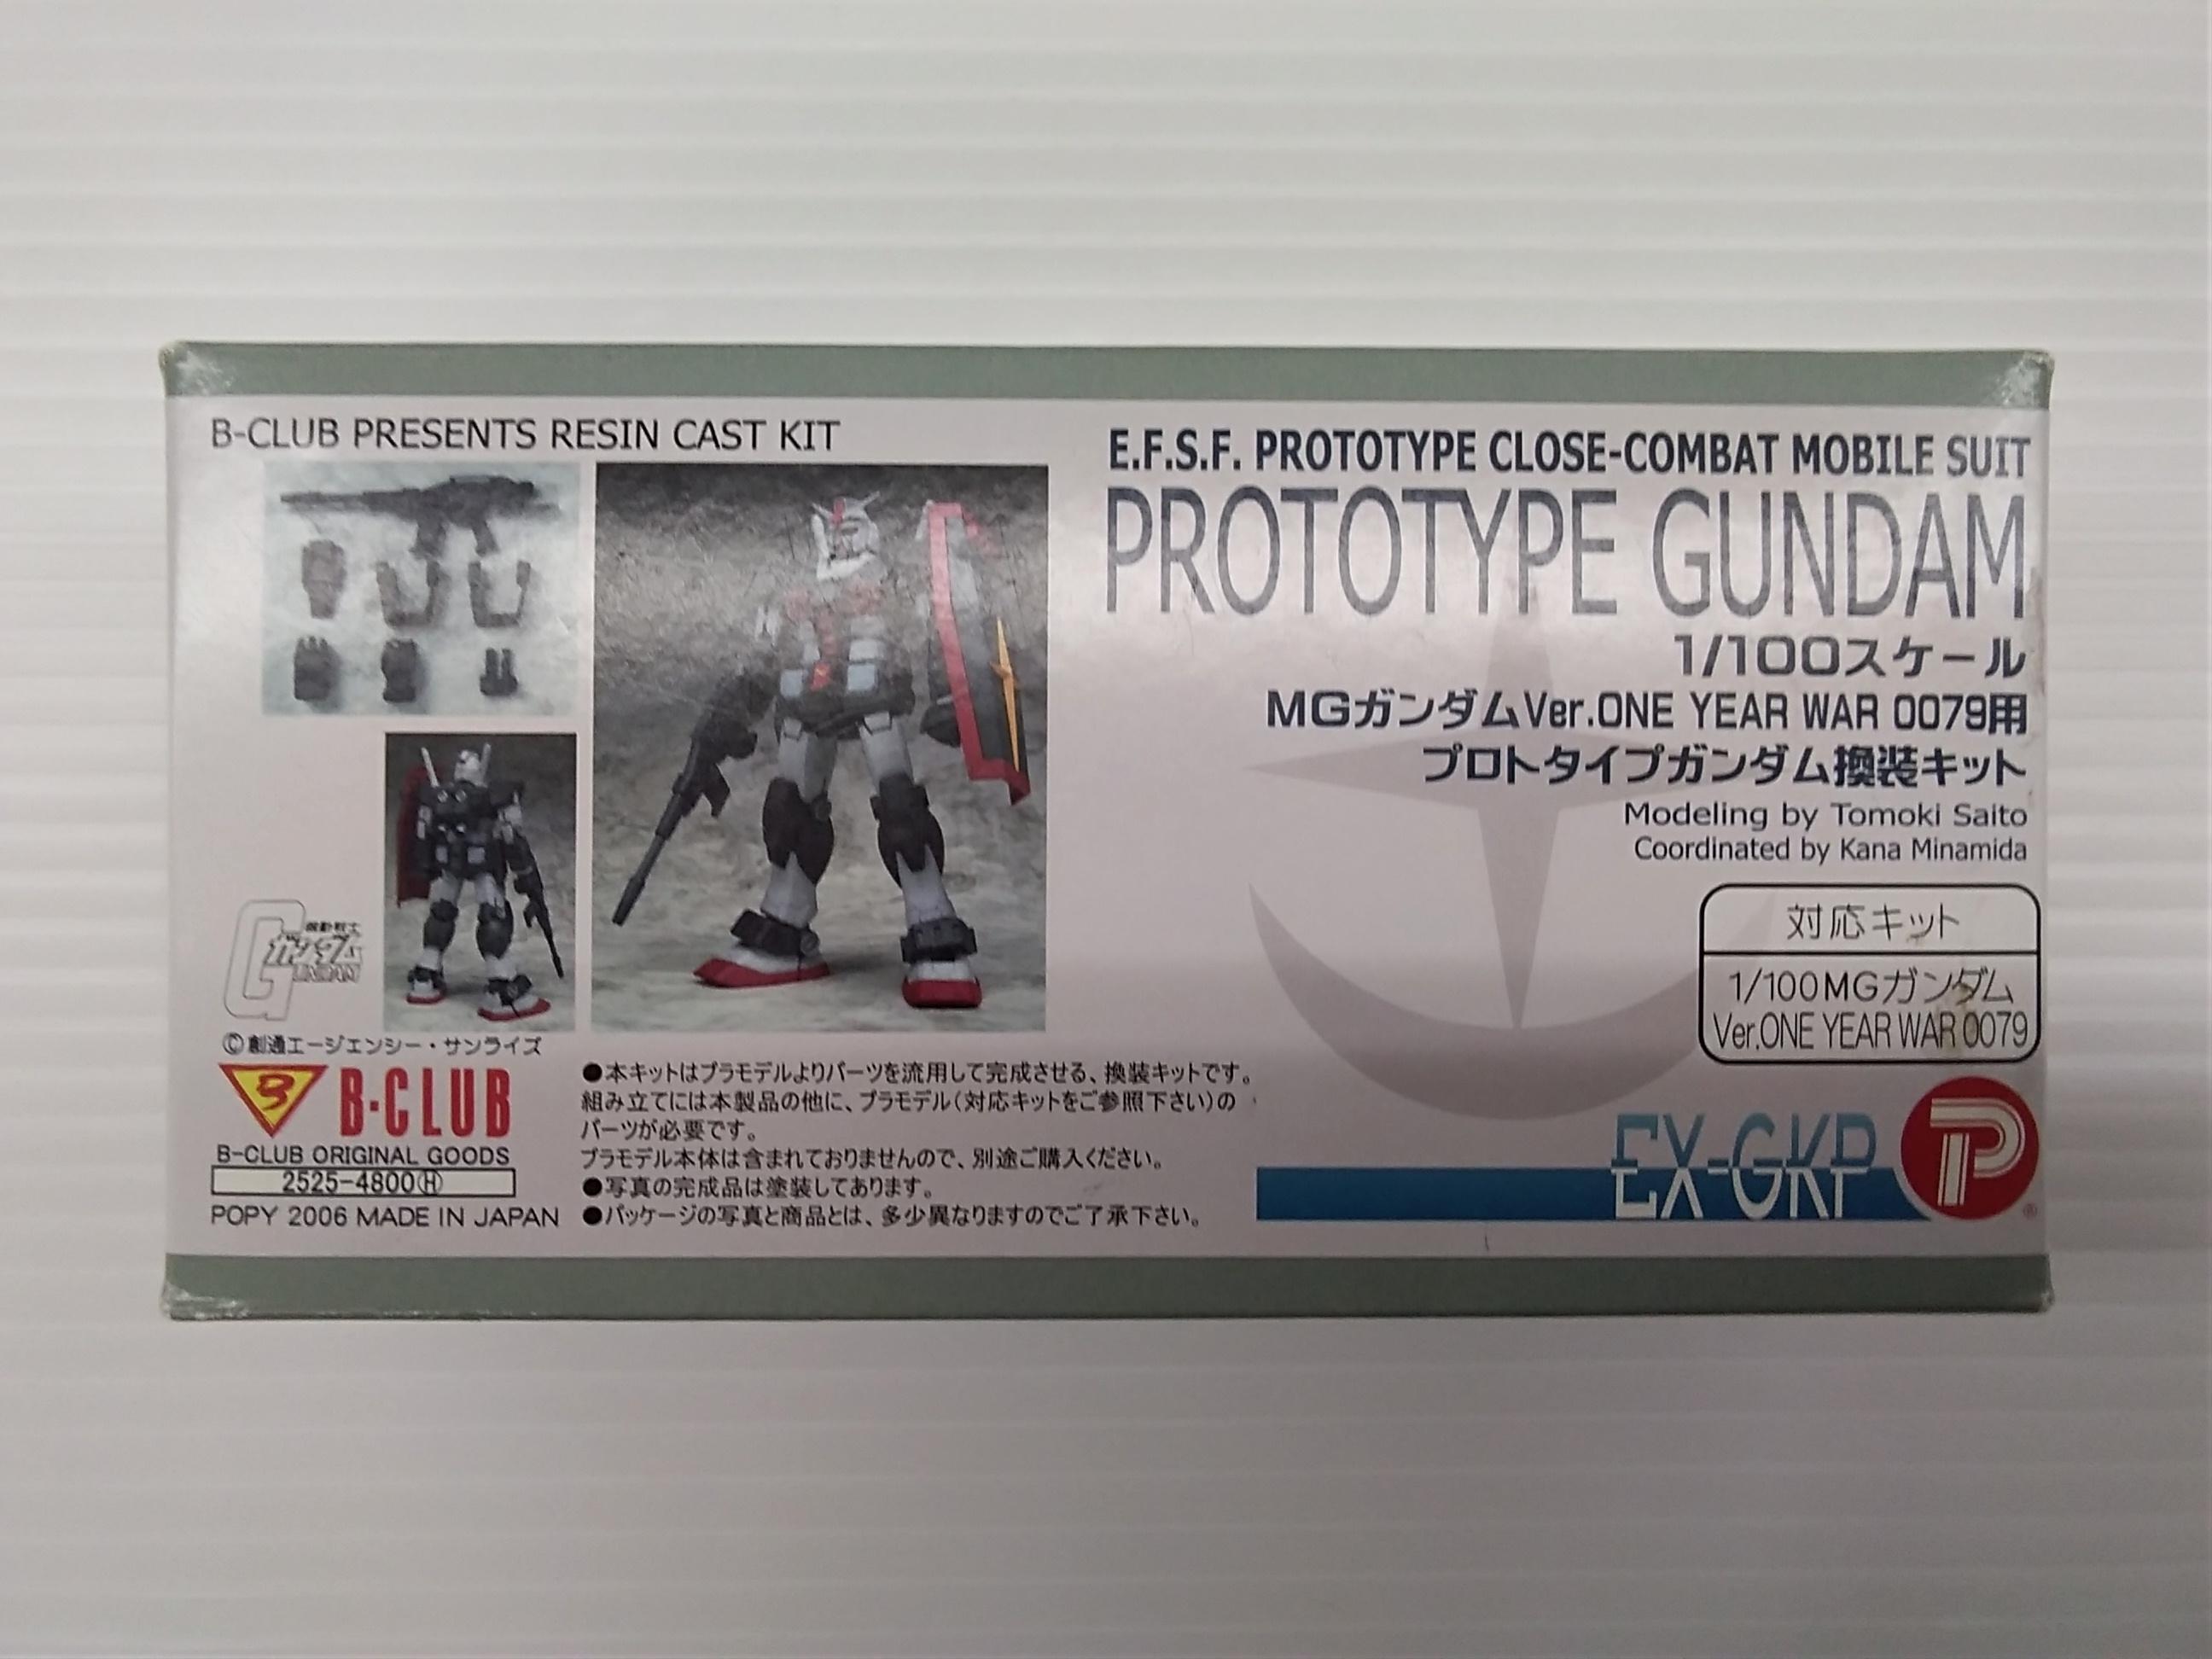 1/100 プロトタイプガンダム換装キット|B-CLUB